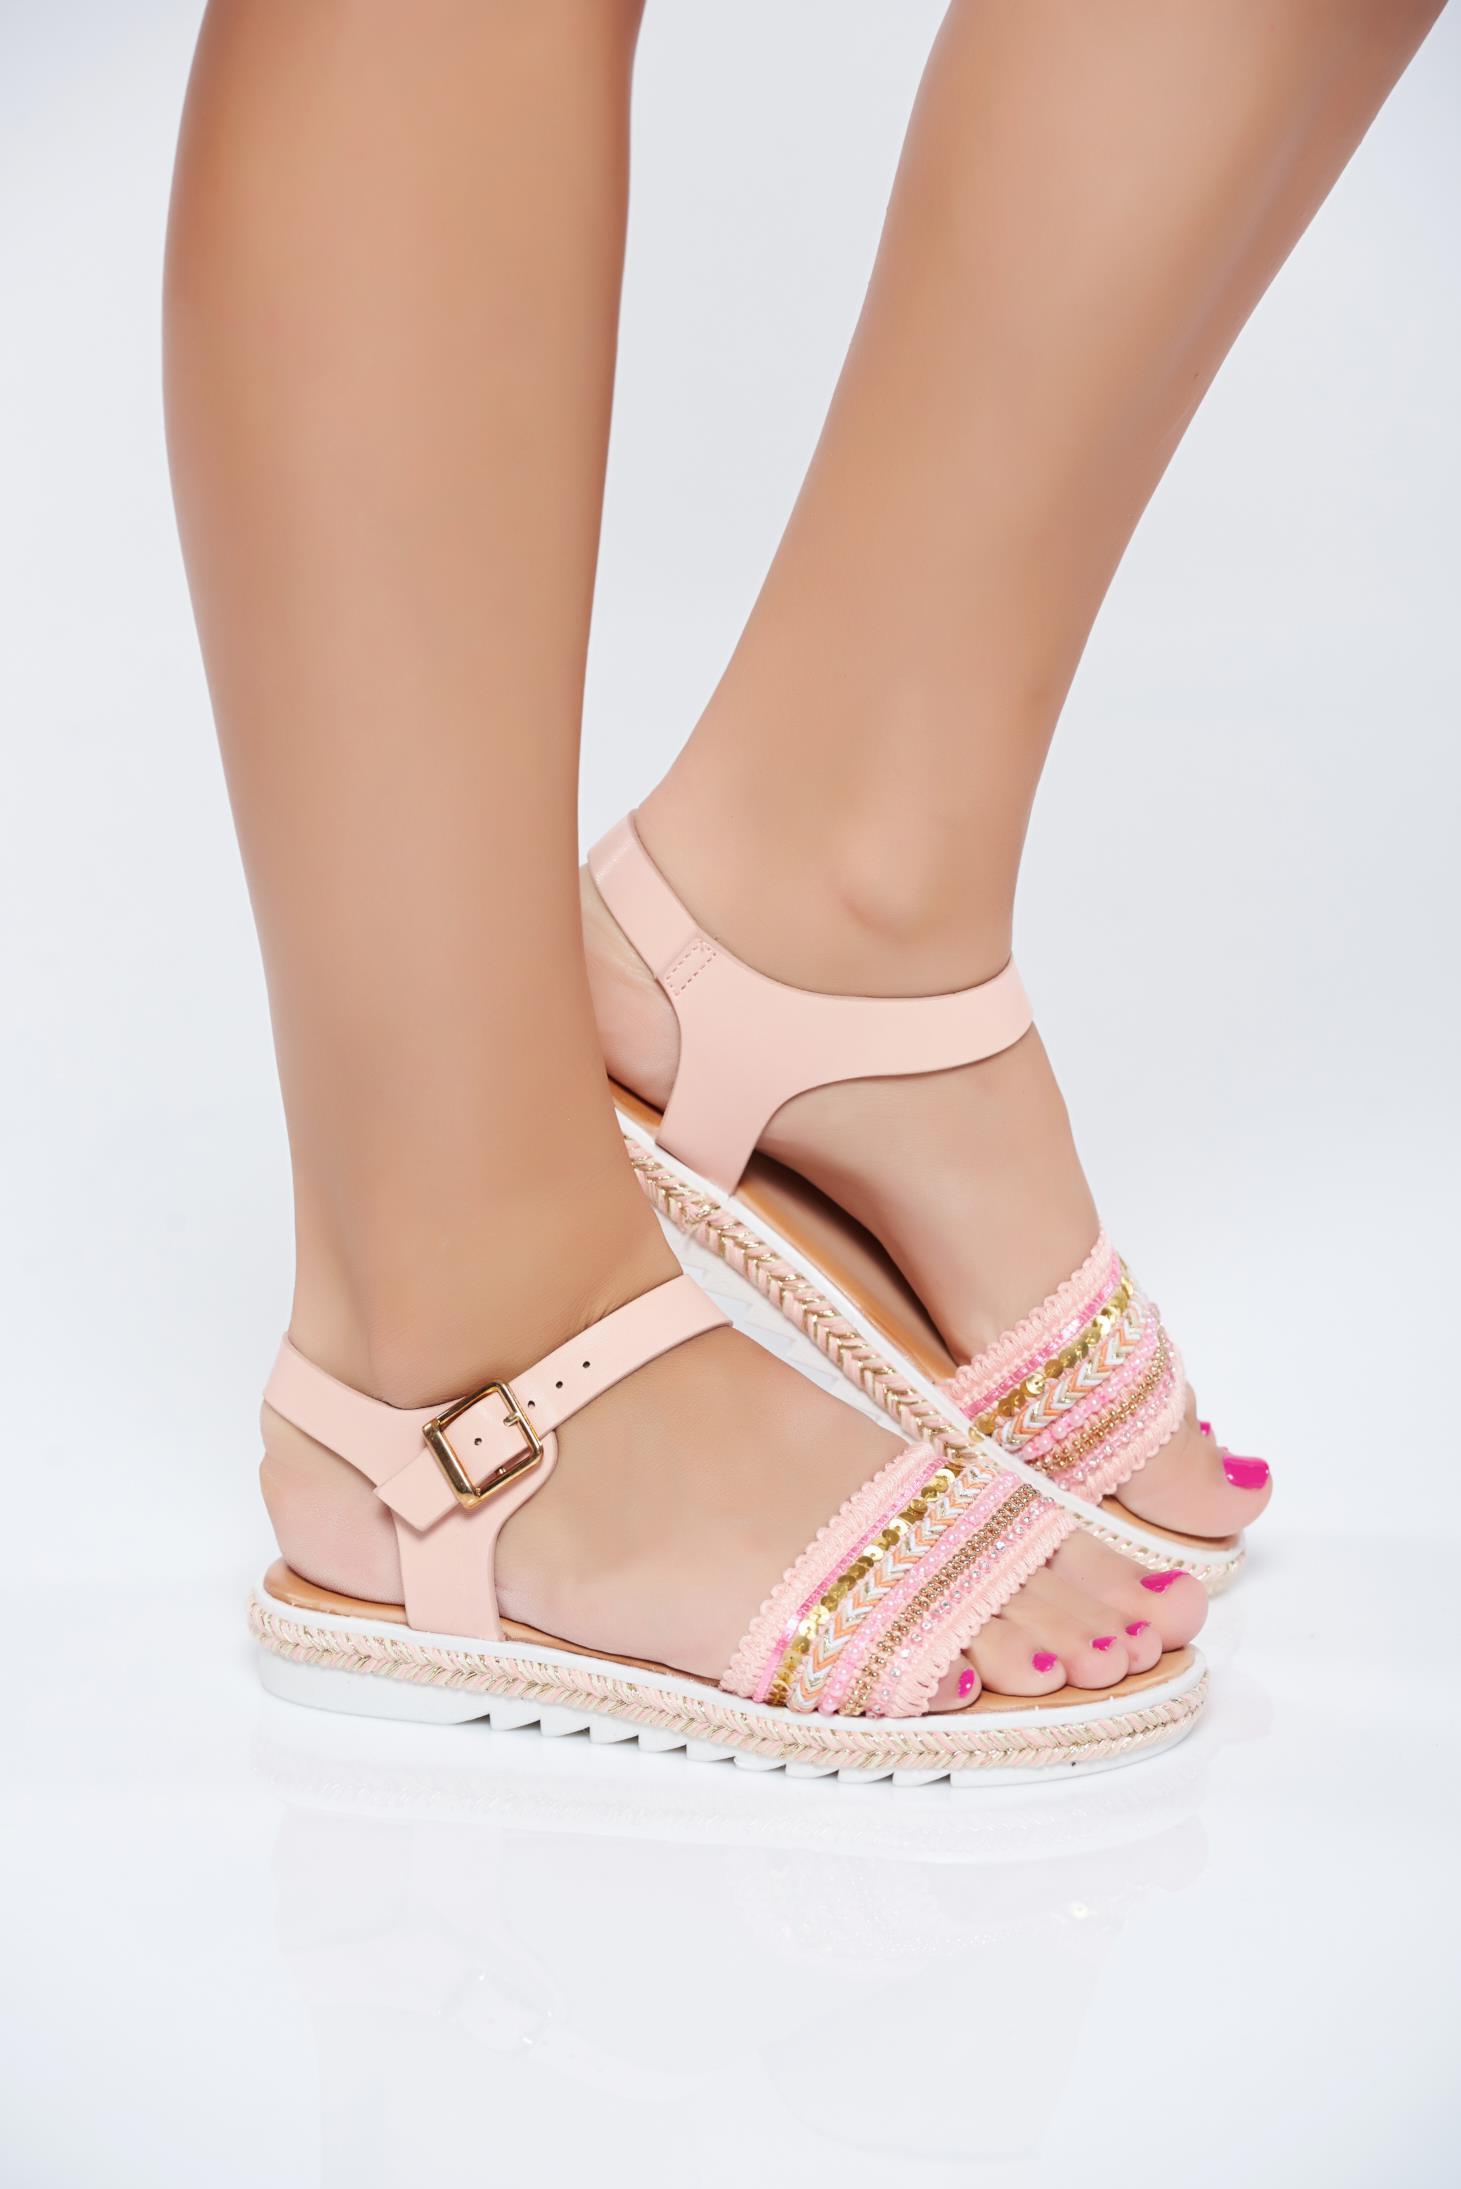 Sandale cu aplicatii cu margele roz accesorizata cu o catarama metalica